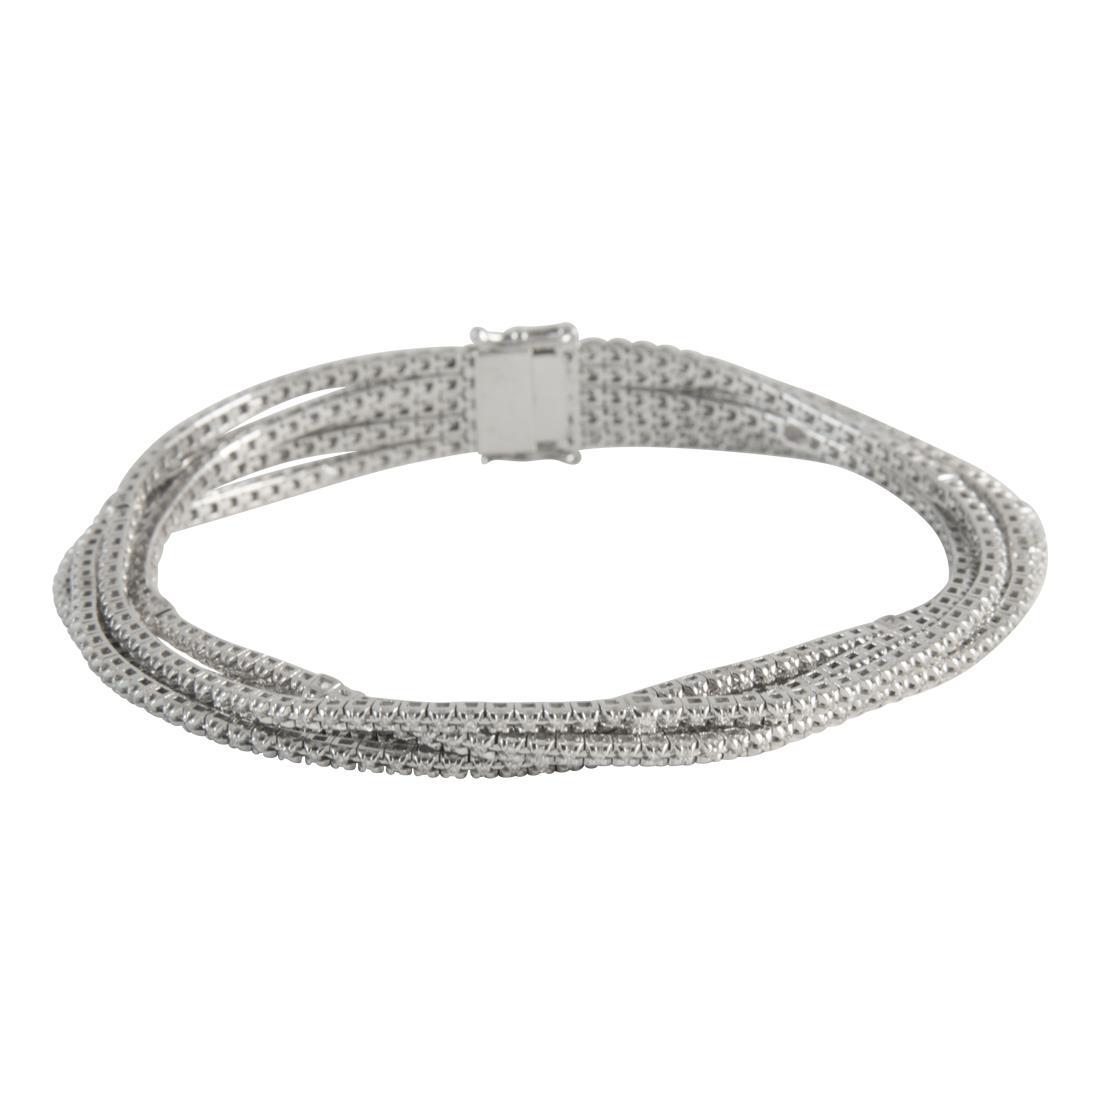 Bracciale tennis multifile in oro bianco con diamanti ct 1.80 - ALFIERI ST JOHN